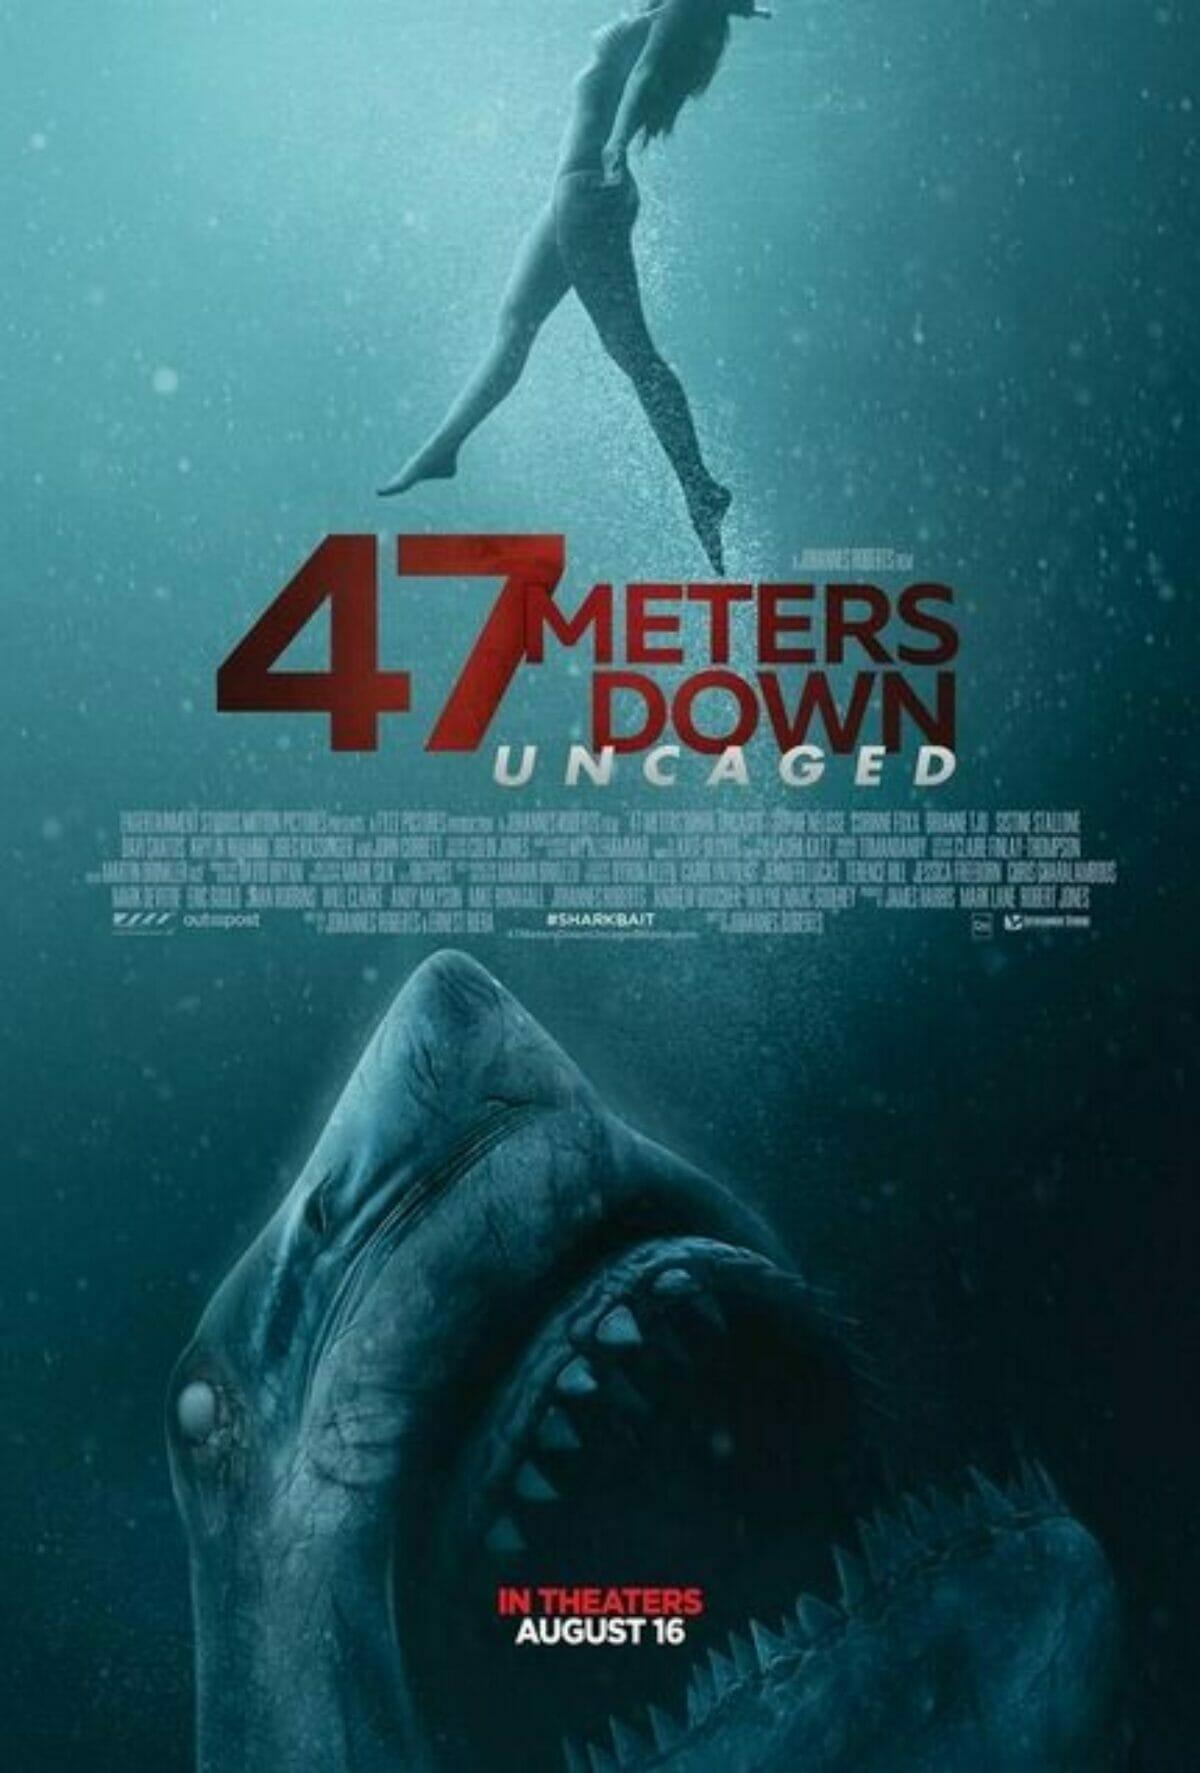 47-meters-down-2